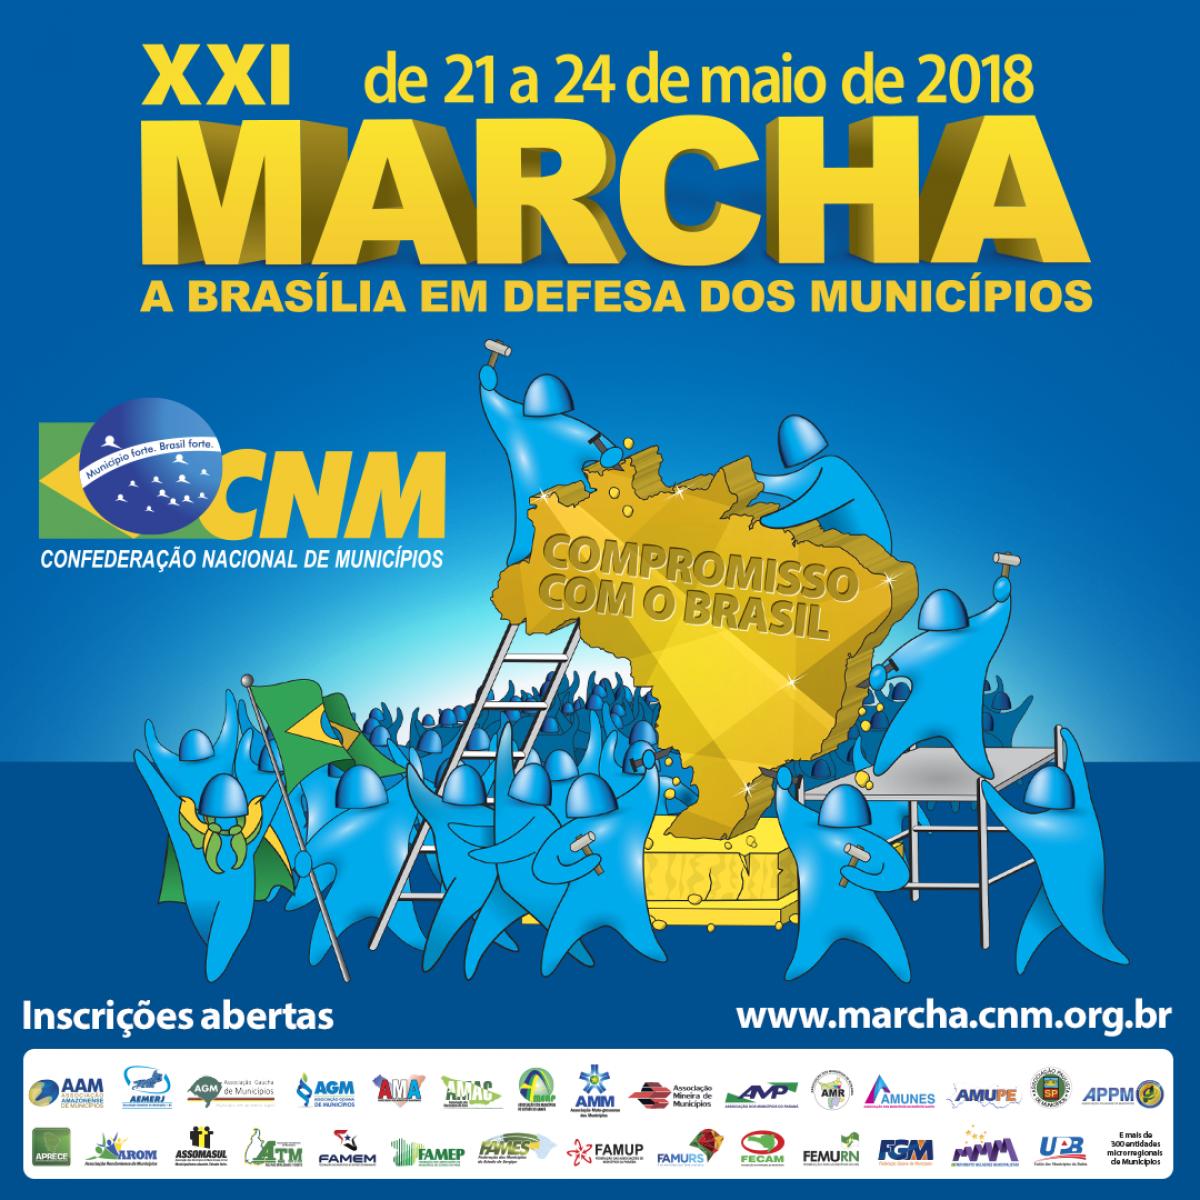 XXI Marcha a Brasília em Defesa dos Municípios: inscrições já estão abertas